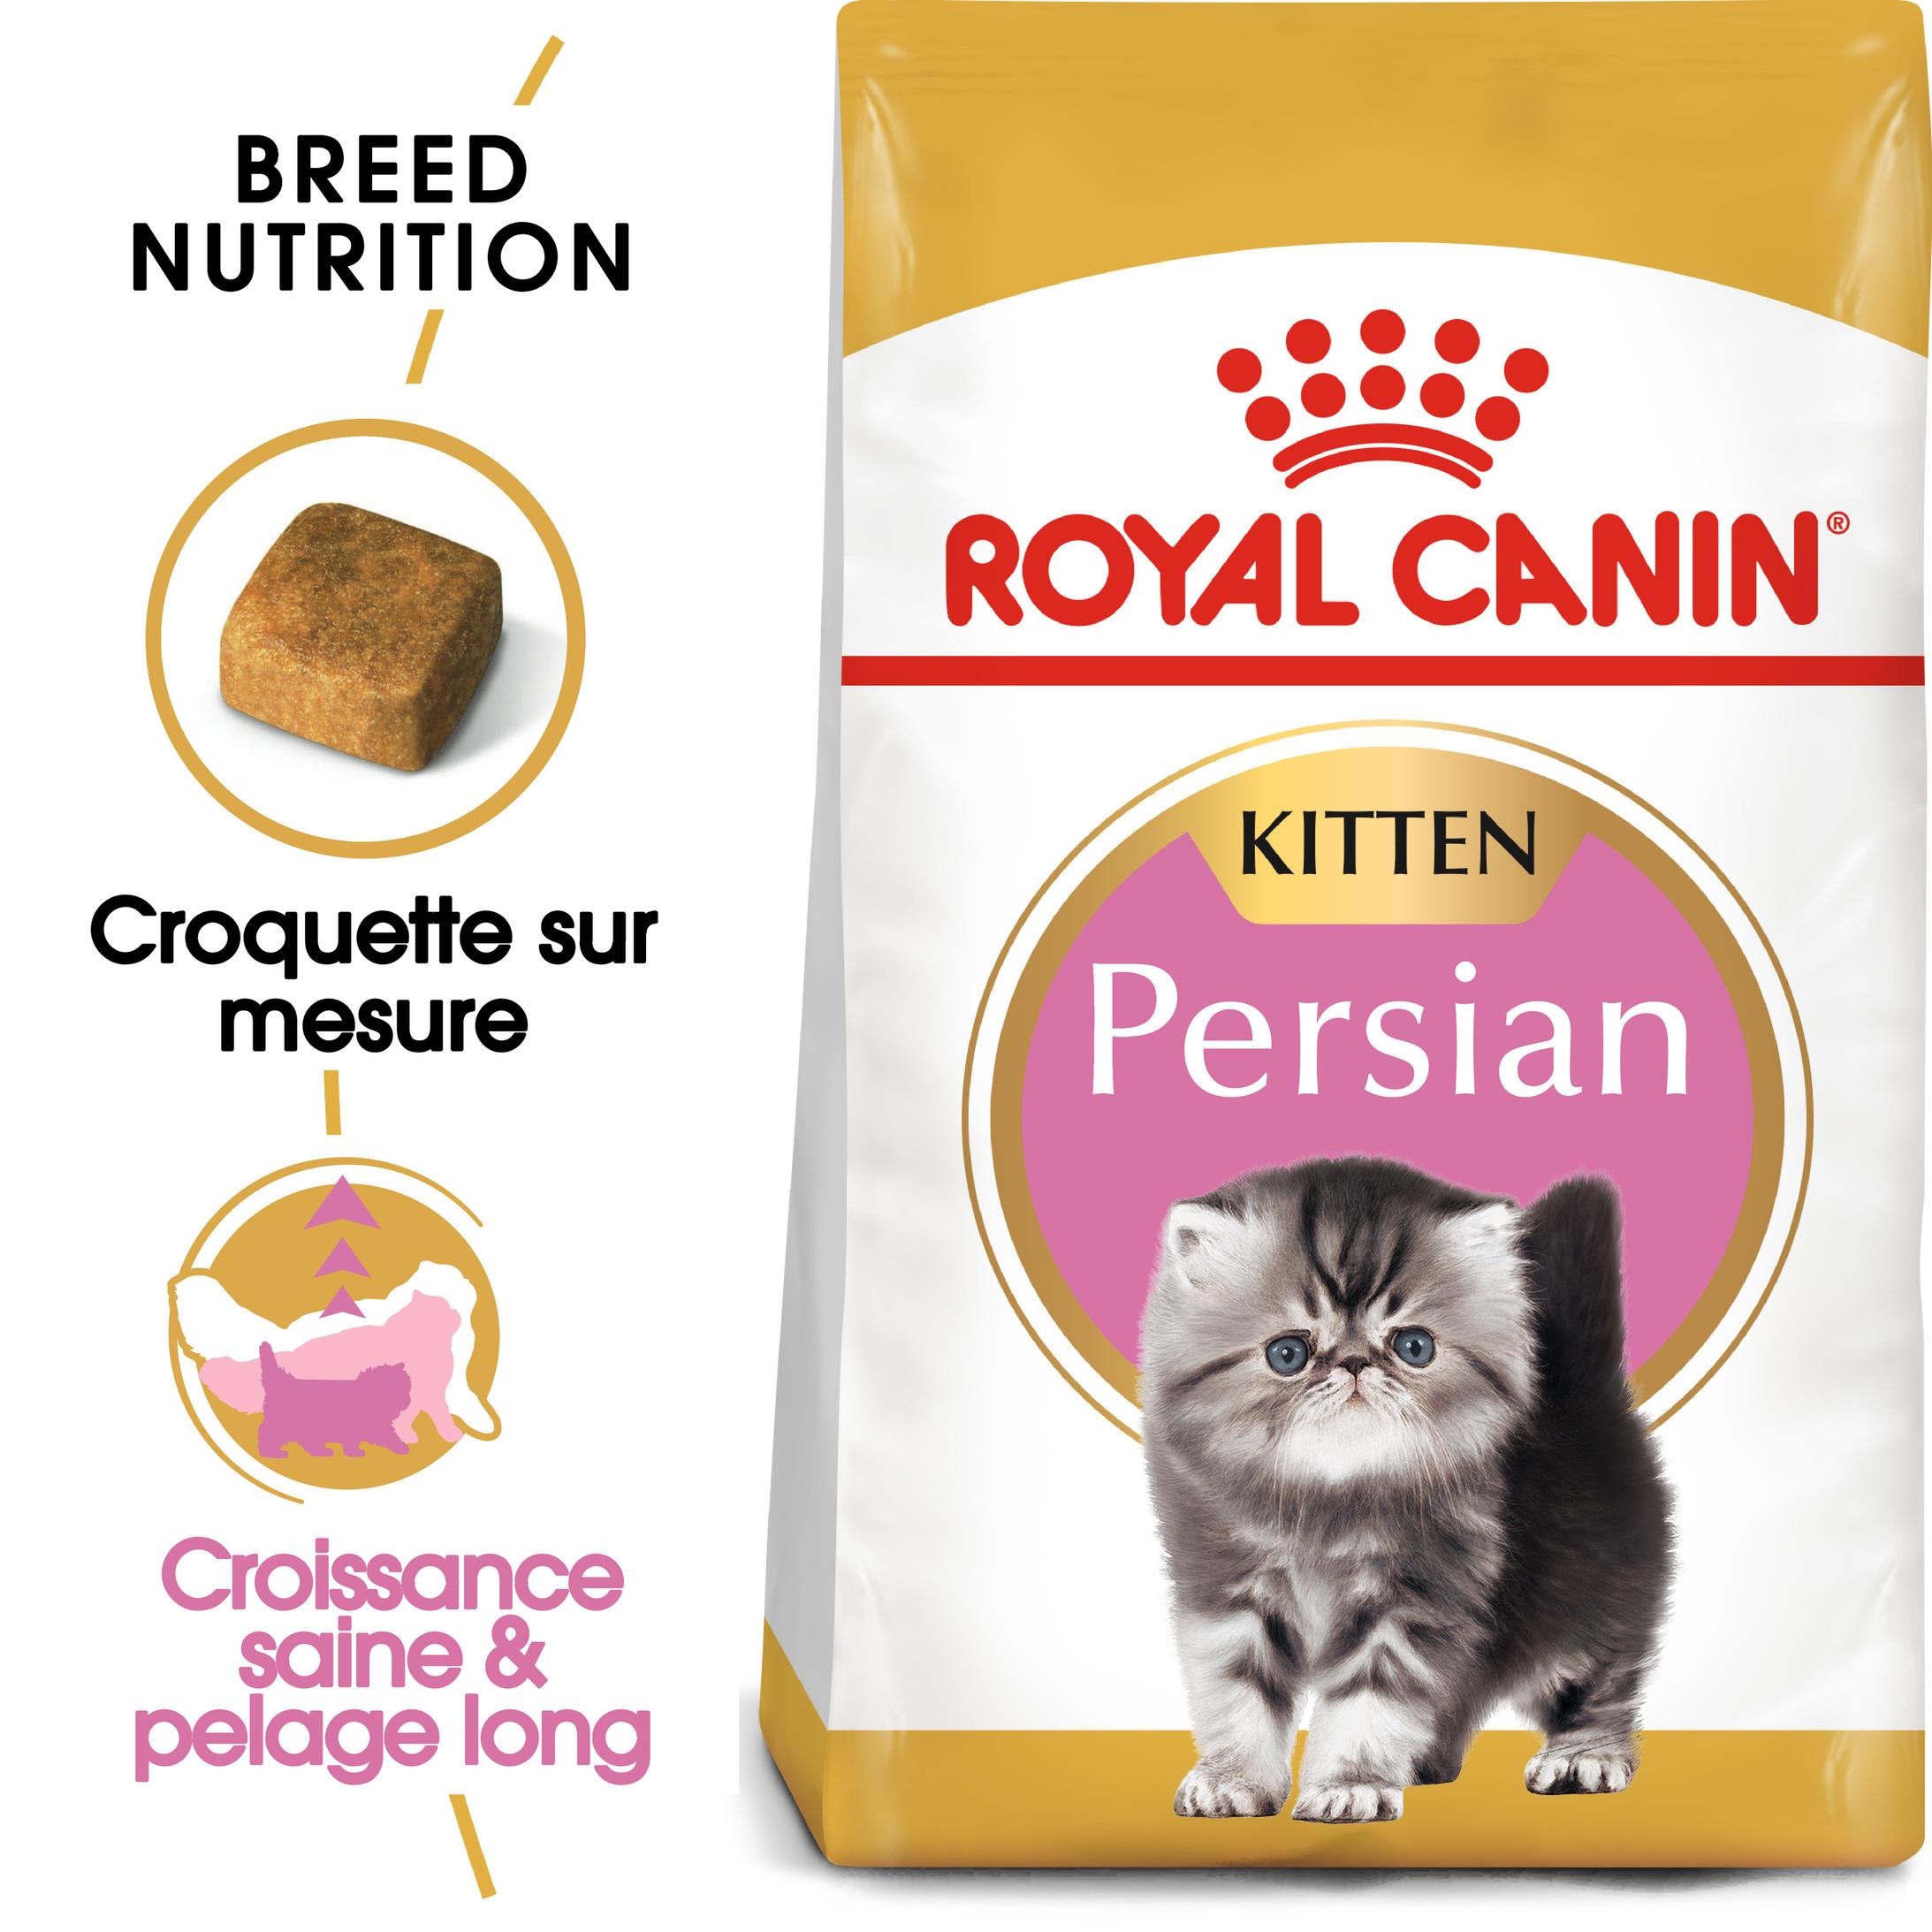 Royal Canin Chaton Persian 32